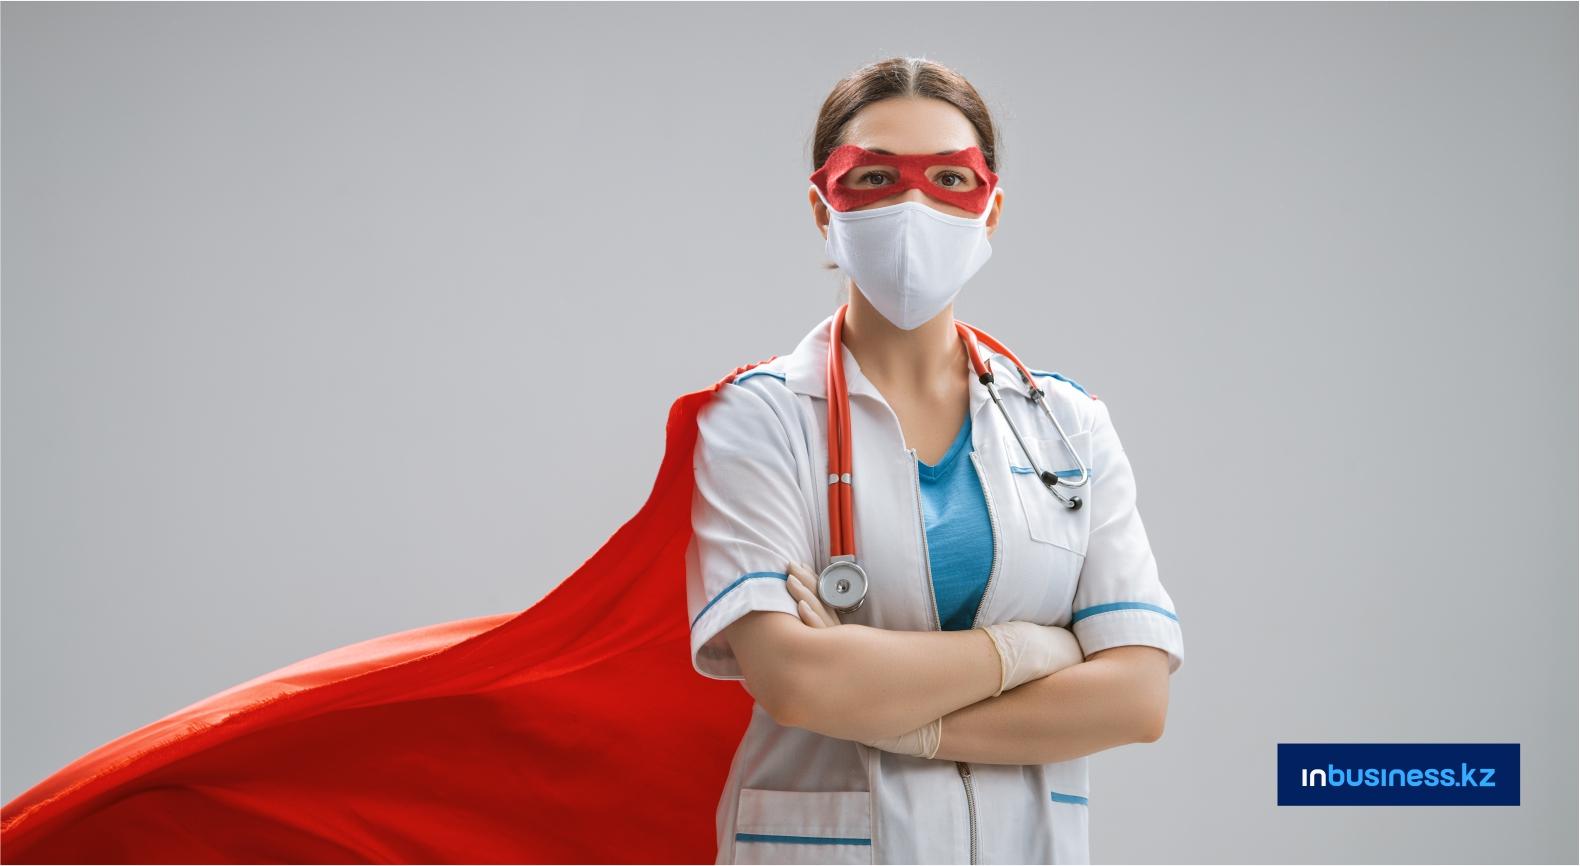 Надбавки для медиков из правоохранительных органов будут установлены с 1 апреля